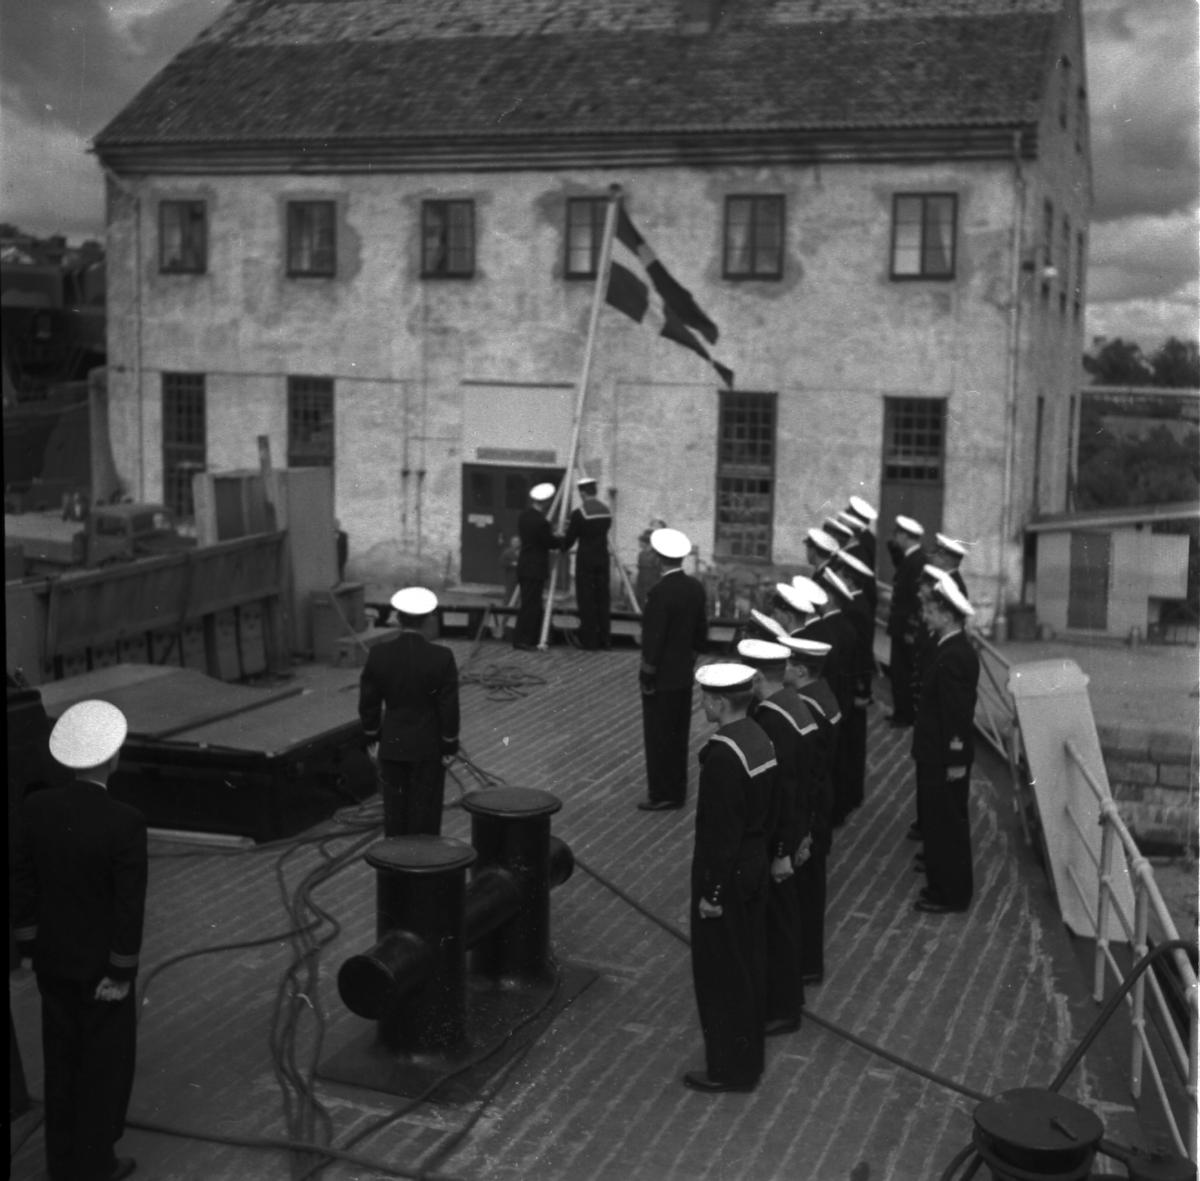 Fartyg: THULE                           Övrigt: Isbrytaren Thule, påmönstringen